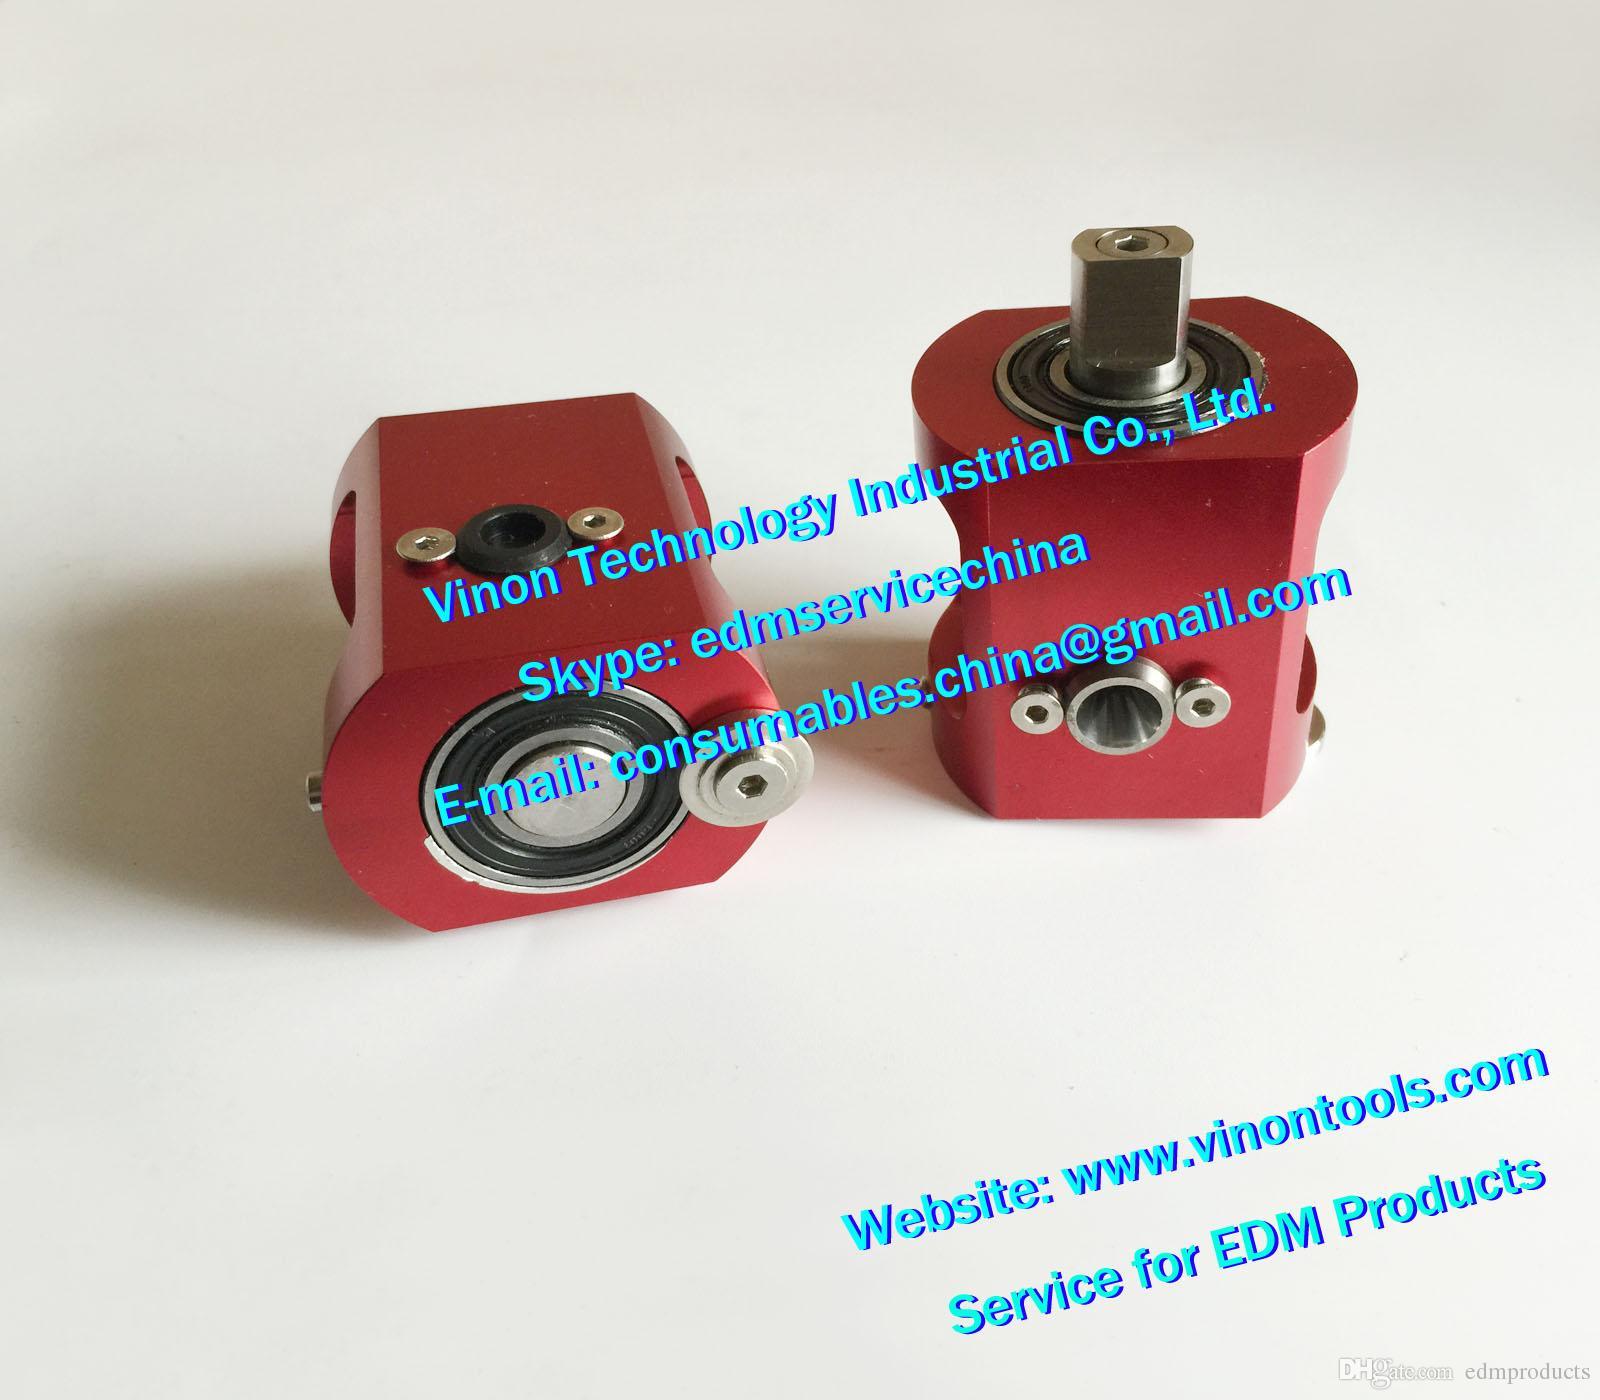 (1pc) X056C326G51 edm Cutter Unit M501 WIRE CHOPPER DJ74700 X056-C326-G51  for Mitsubishi DWC- FX,CX,FA series machines